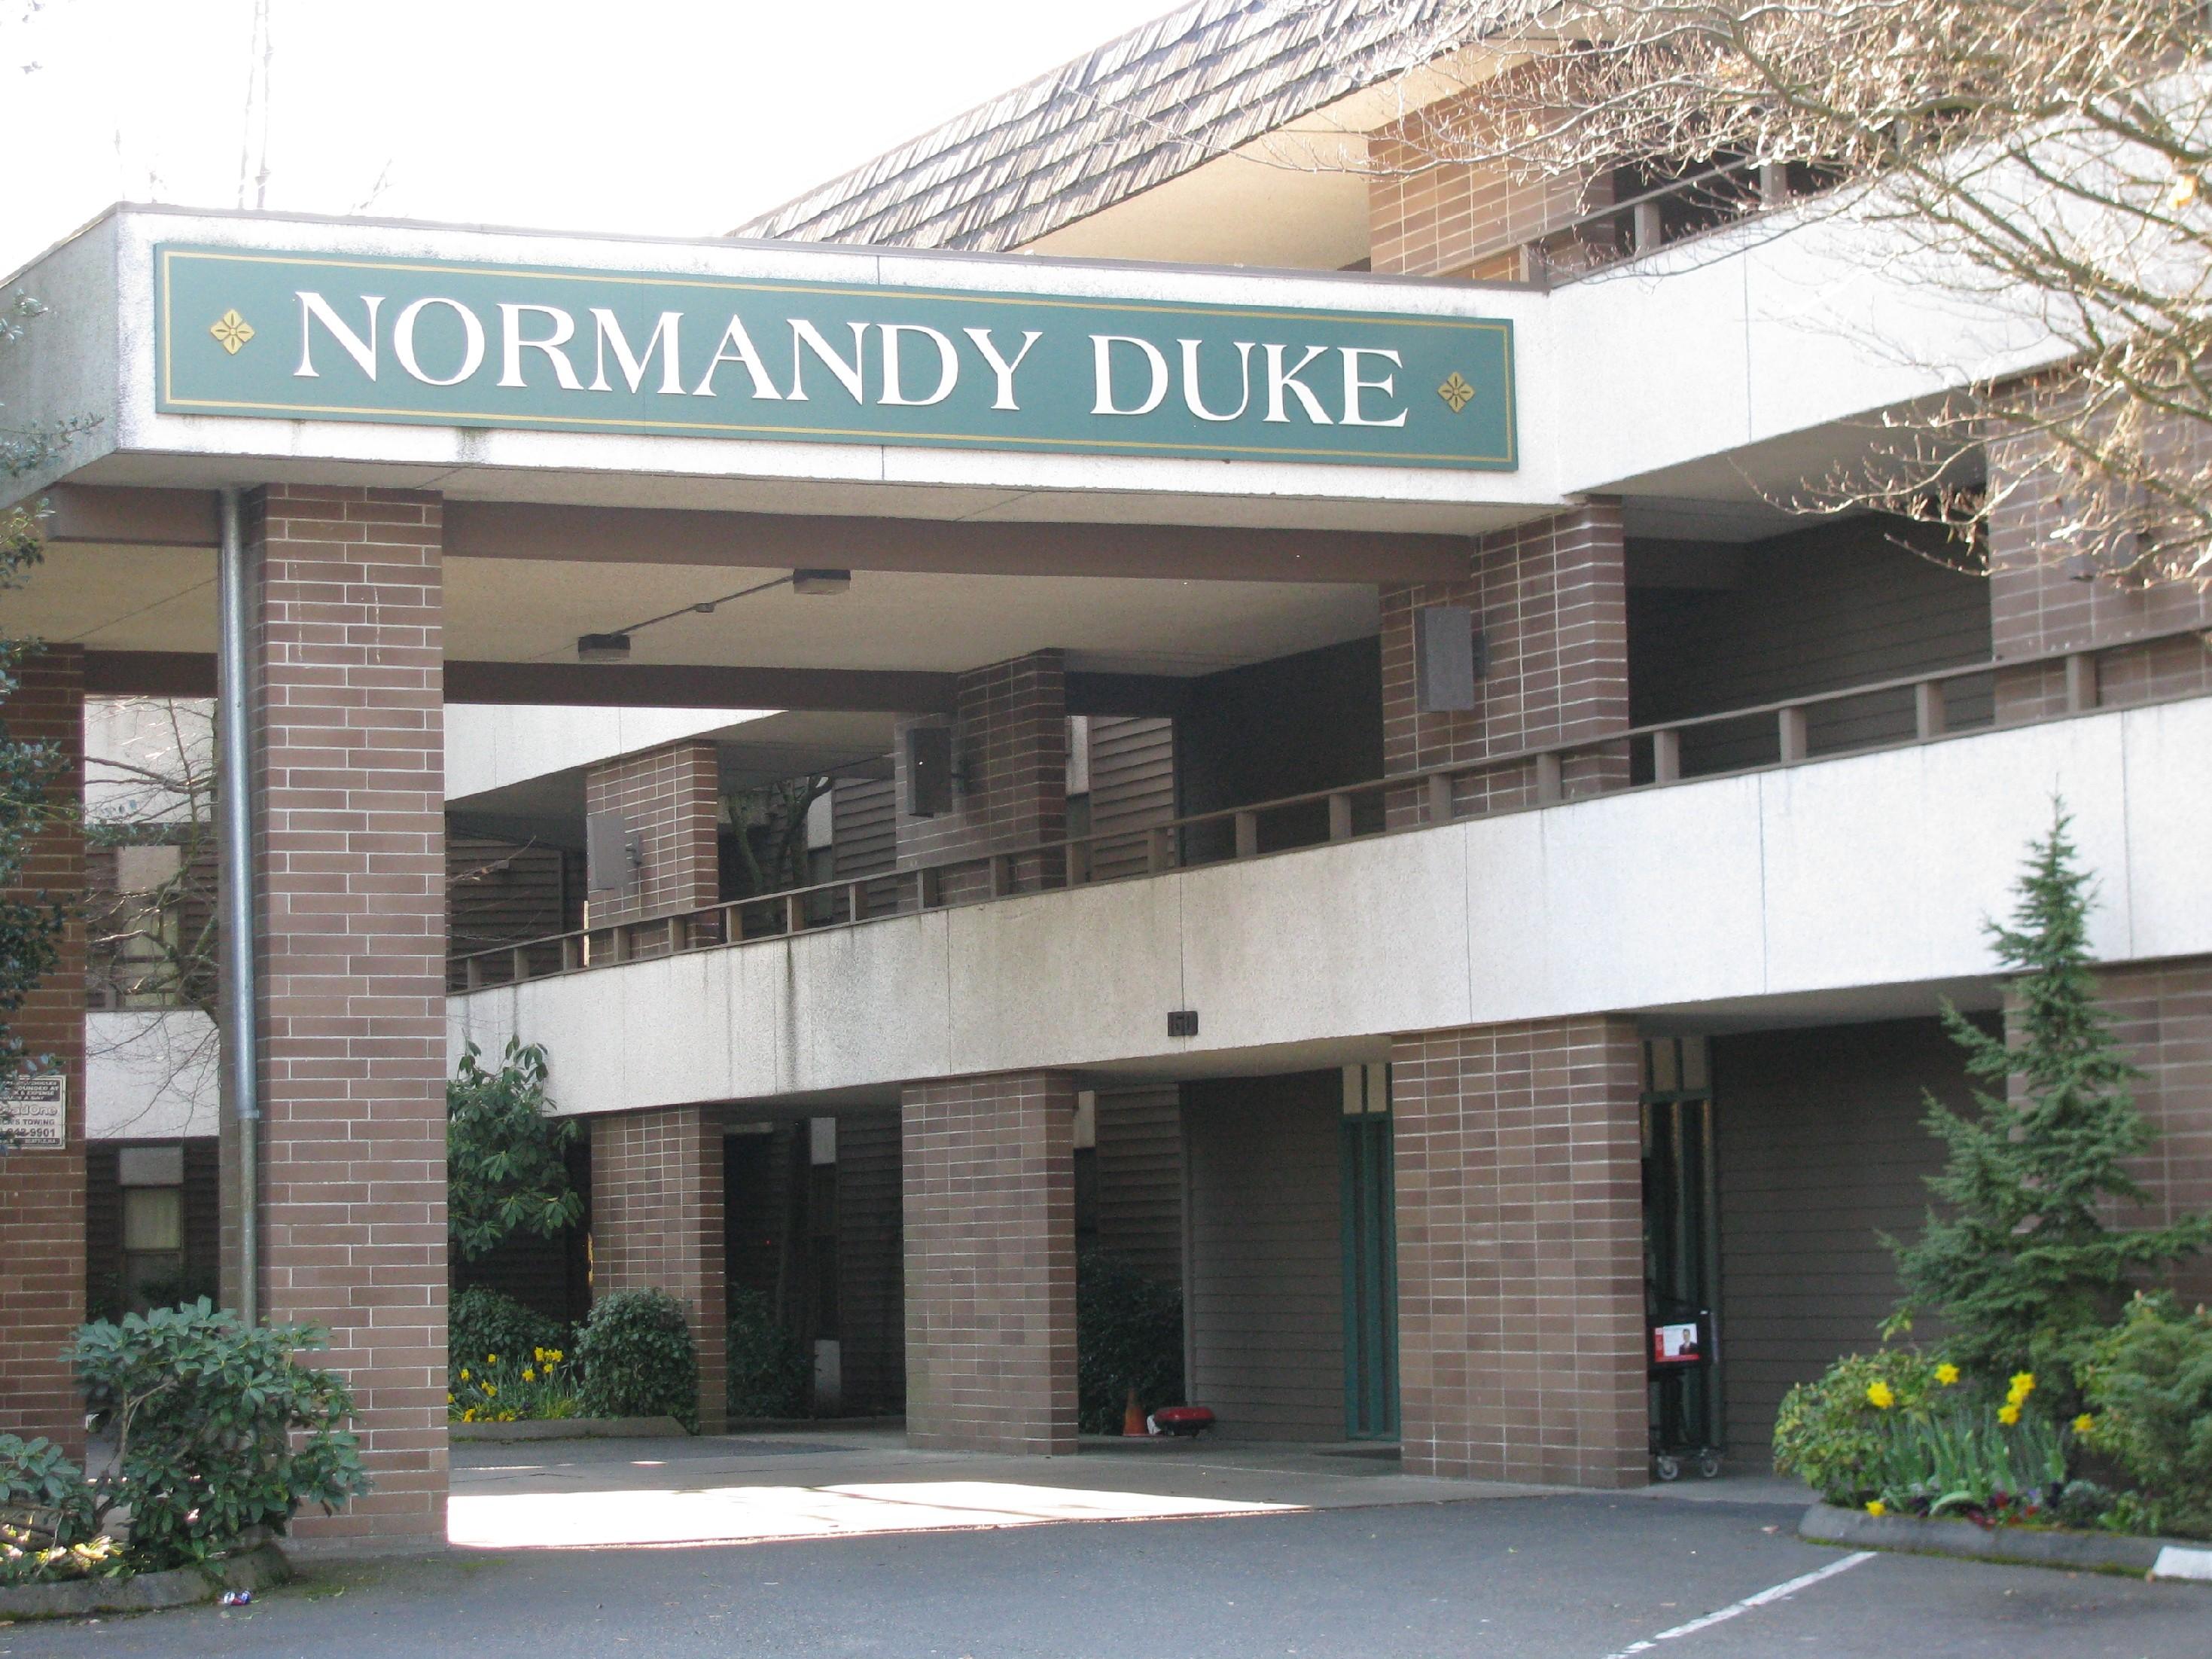 Normandy Duke Exterior